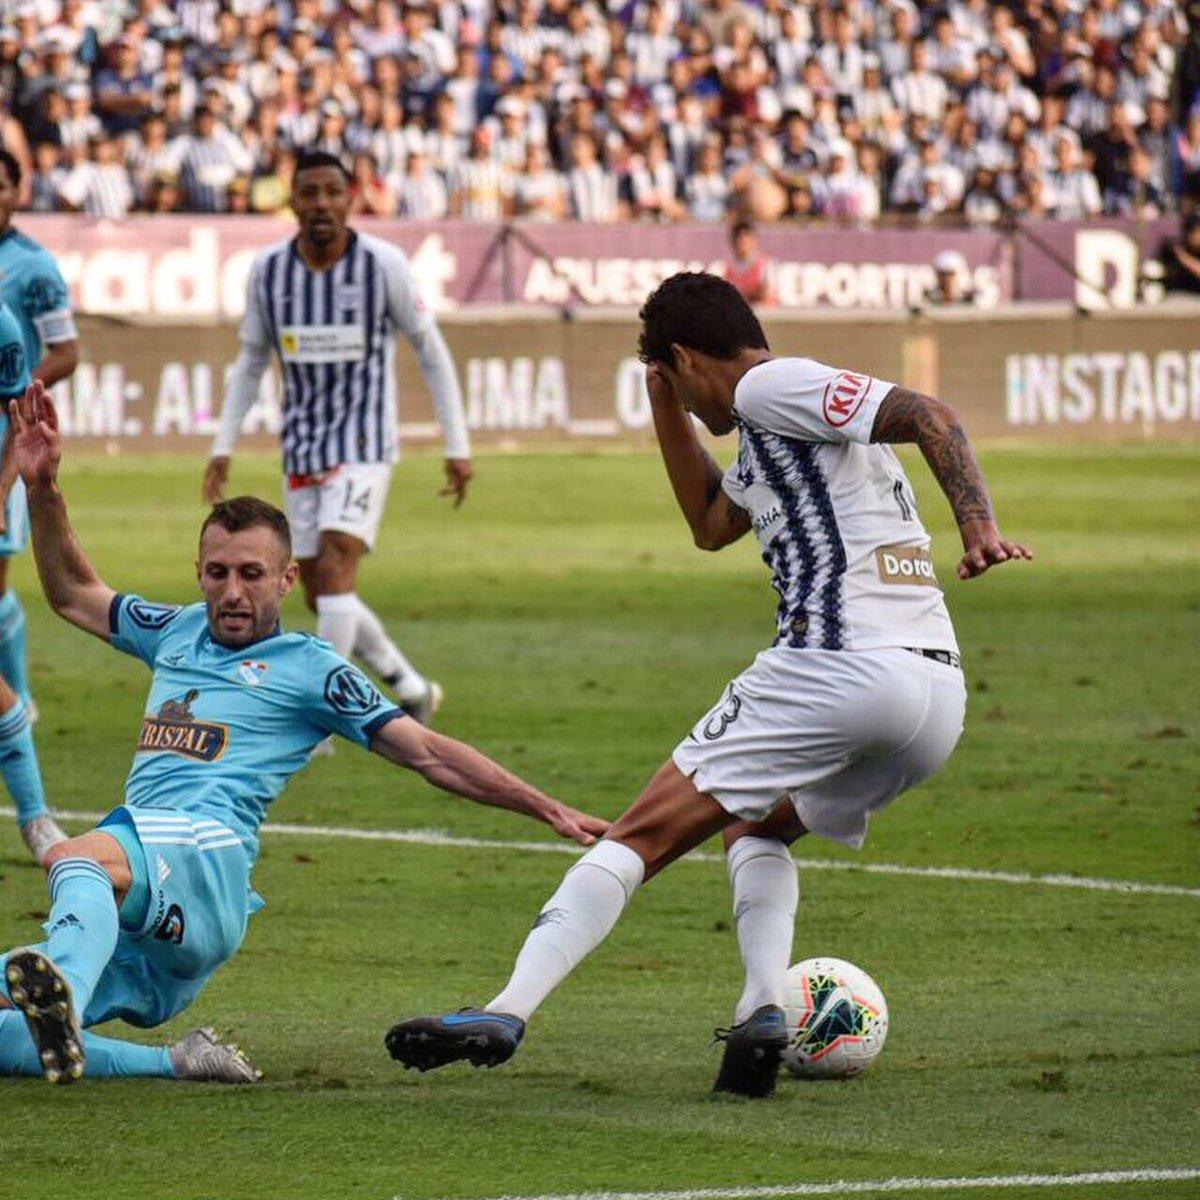 Pase Filtrado On Twitter Carlos Beltran Y El Enganche Ante